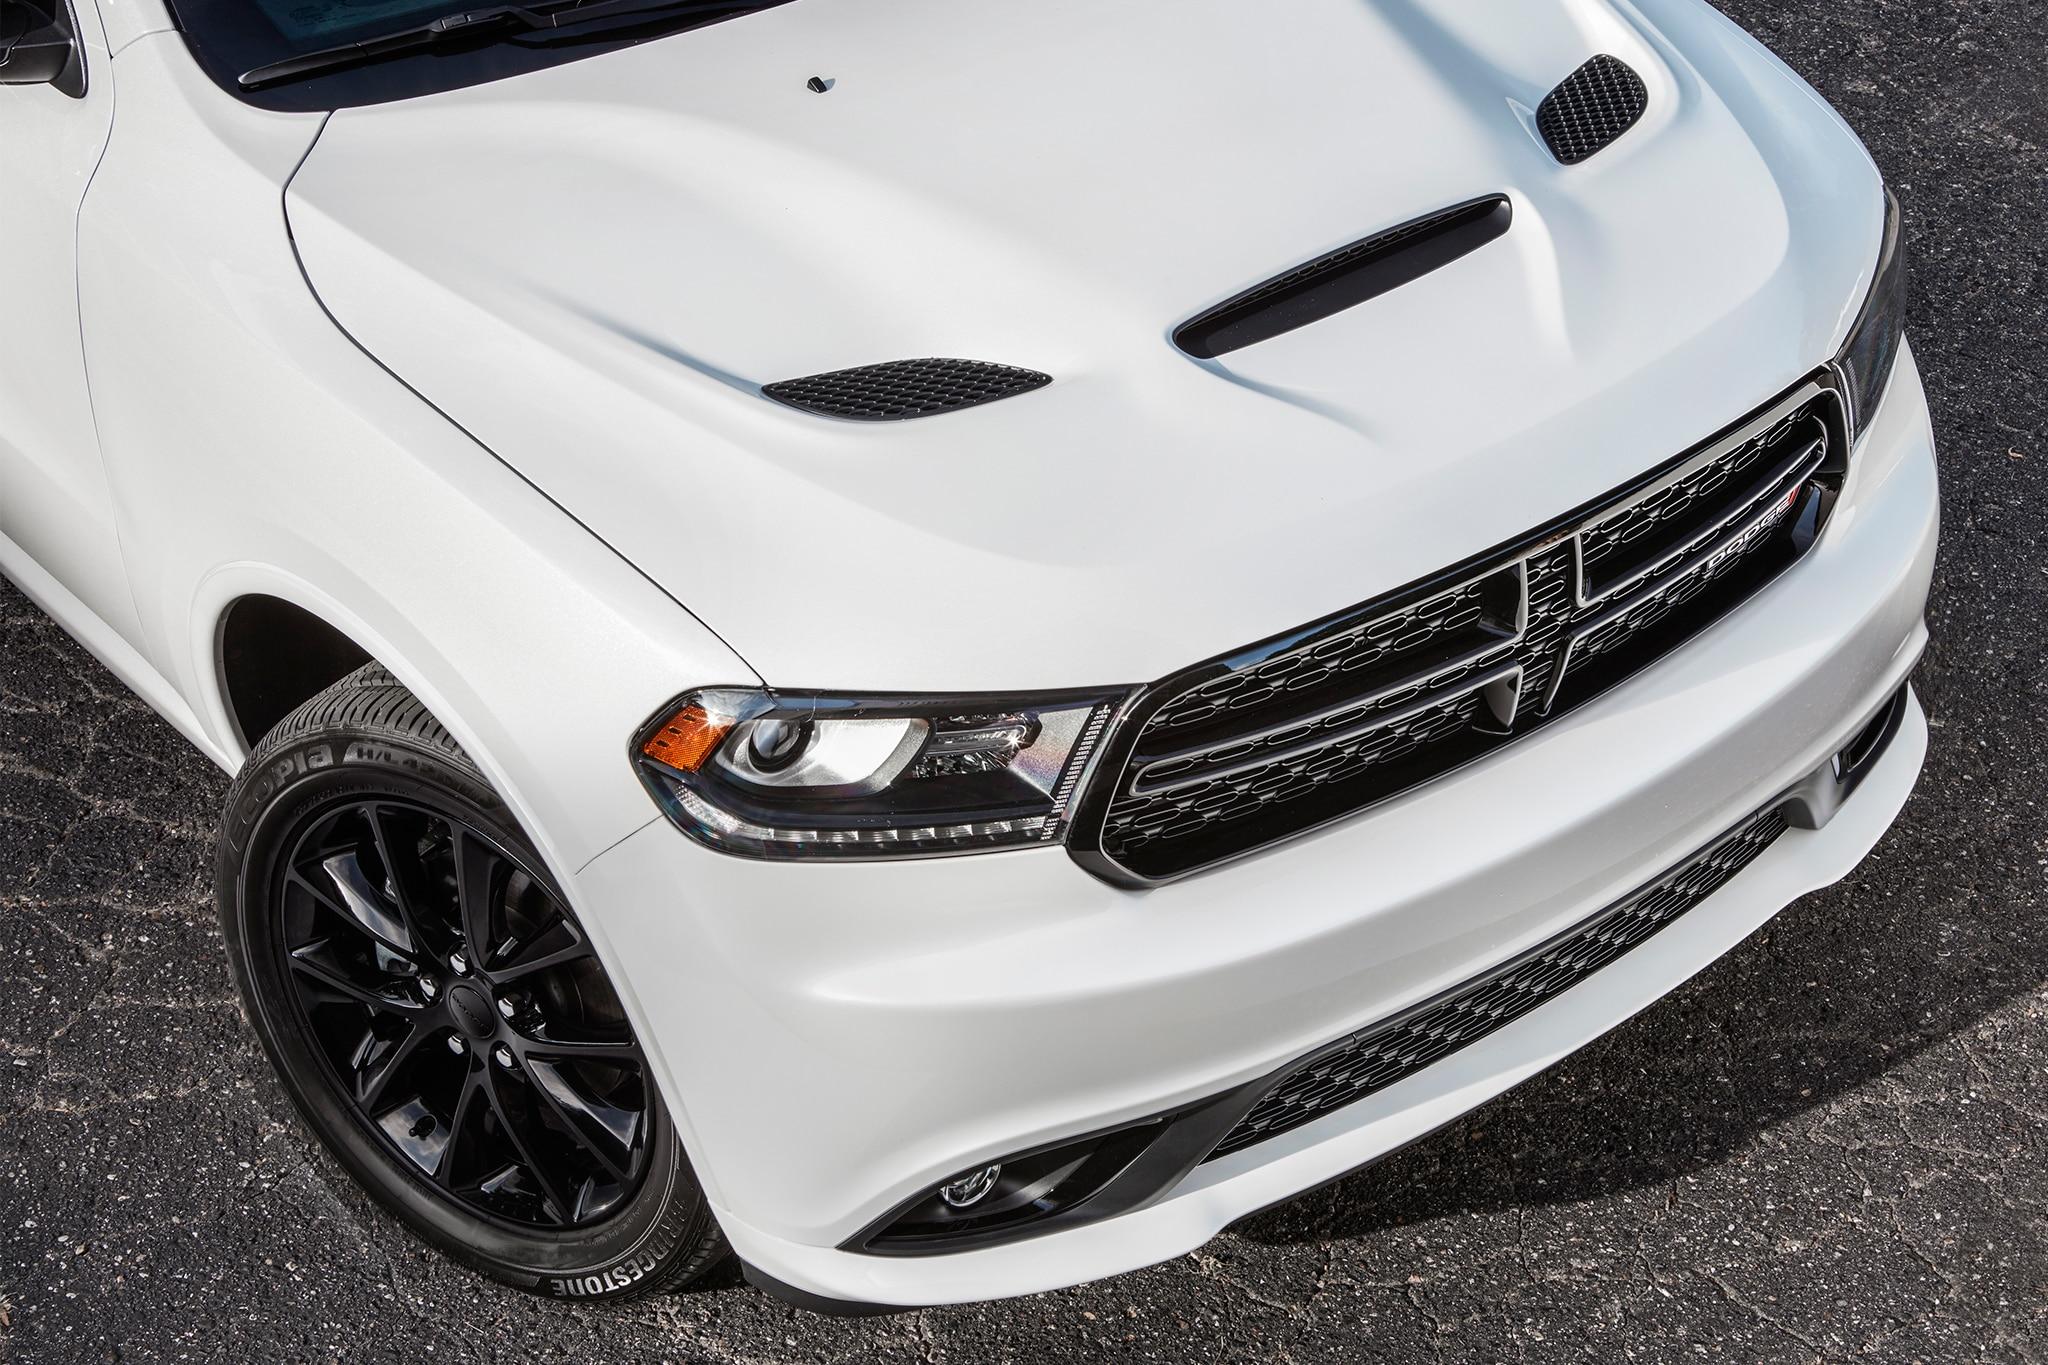 Dodge Durango 2018 Obtiene Caracteristicas Del Modelo Srt Motor Trend En Espanol